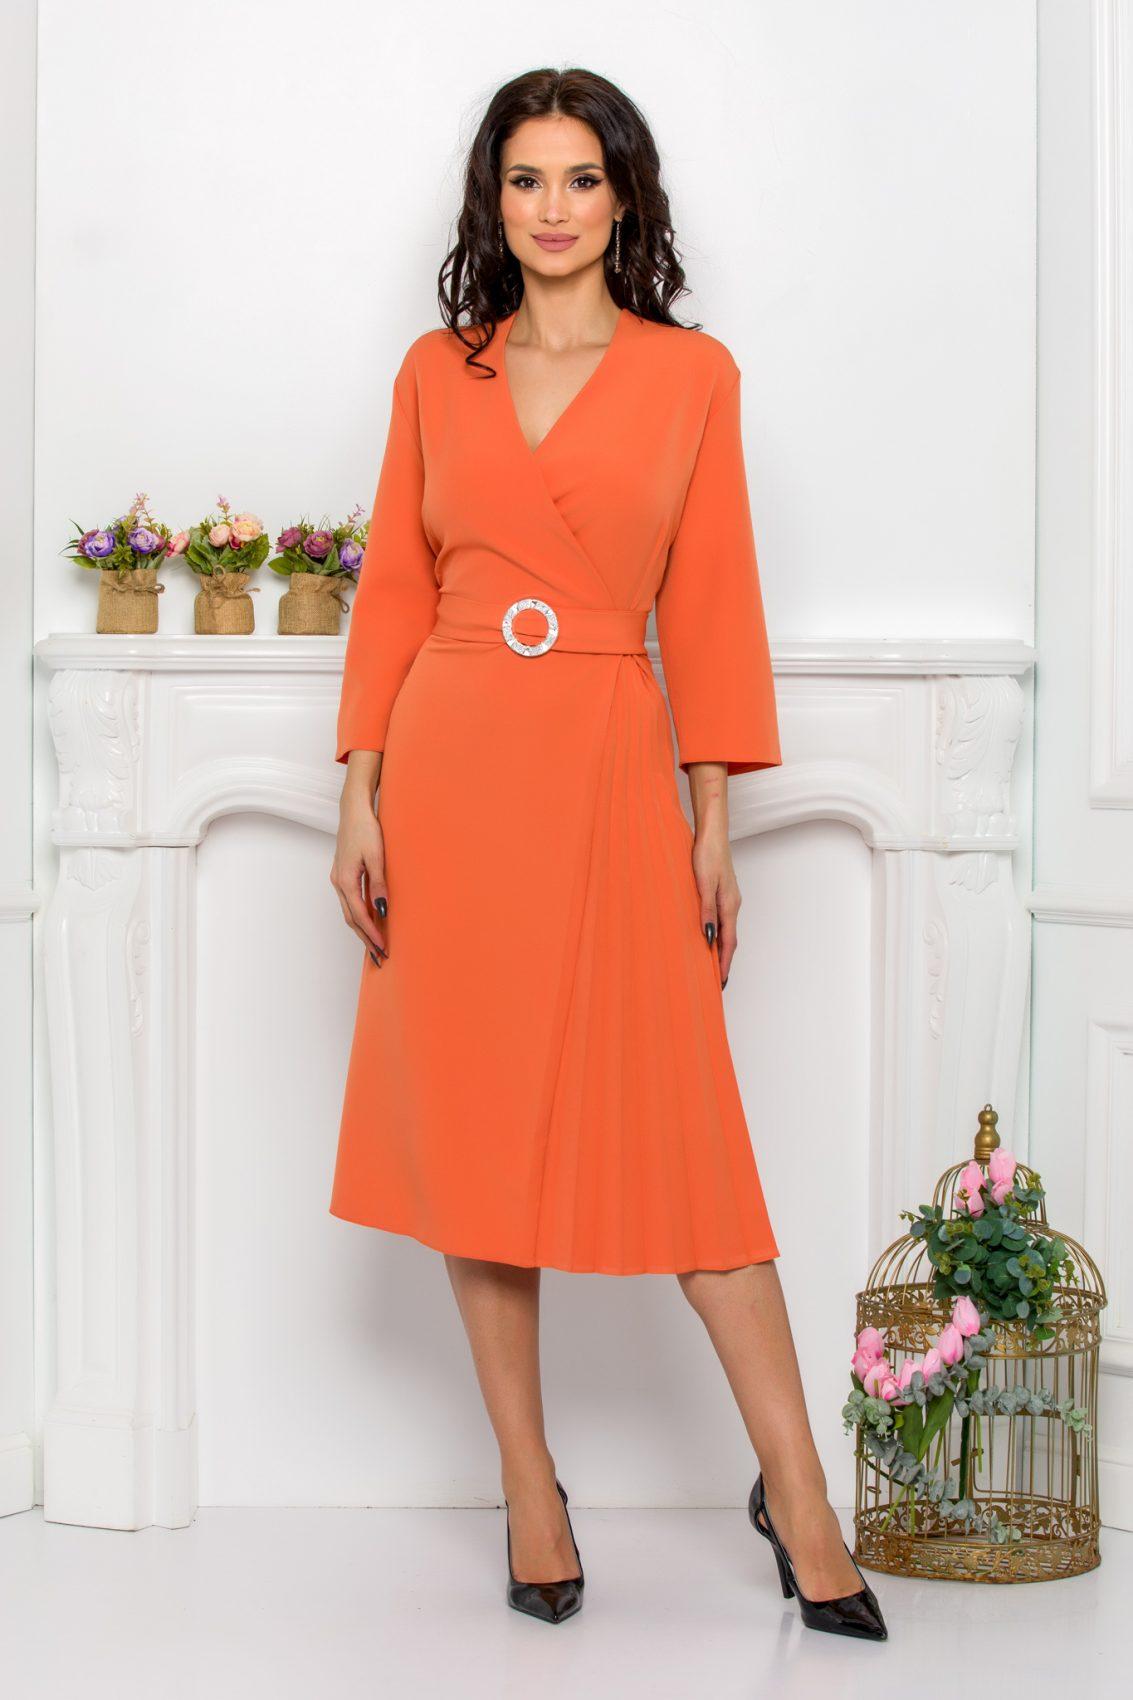 Πορτοκαλί Κρουαζέ Φόρεμα Με Ζώνη Kourtney 9531 1